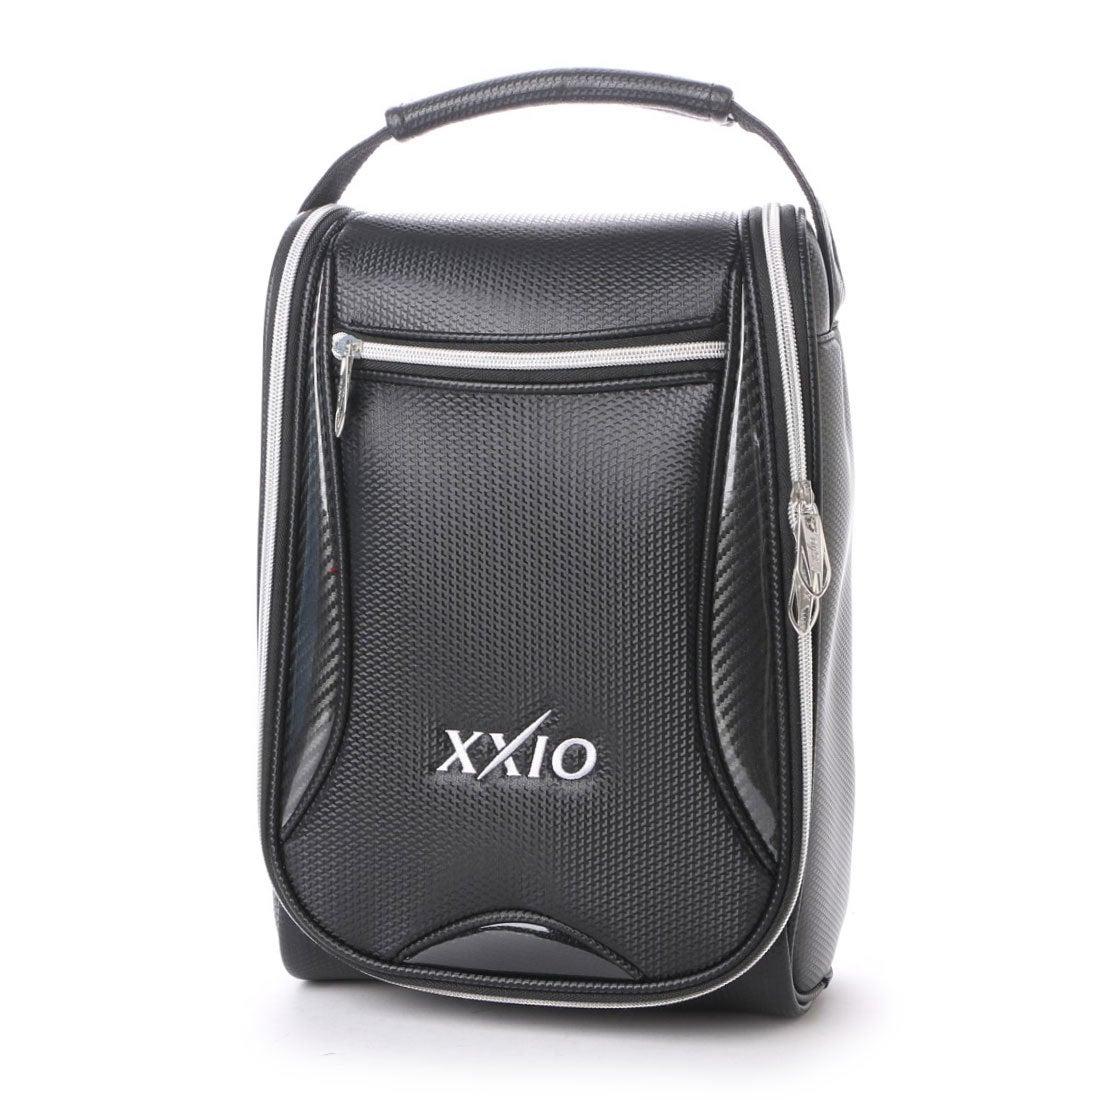 ゼクシオ XXIO メンズ ゴルフ シューズケース XXIO メンズシューズケース GGAX079